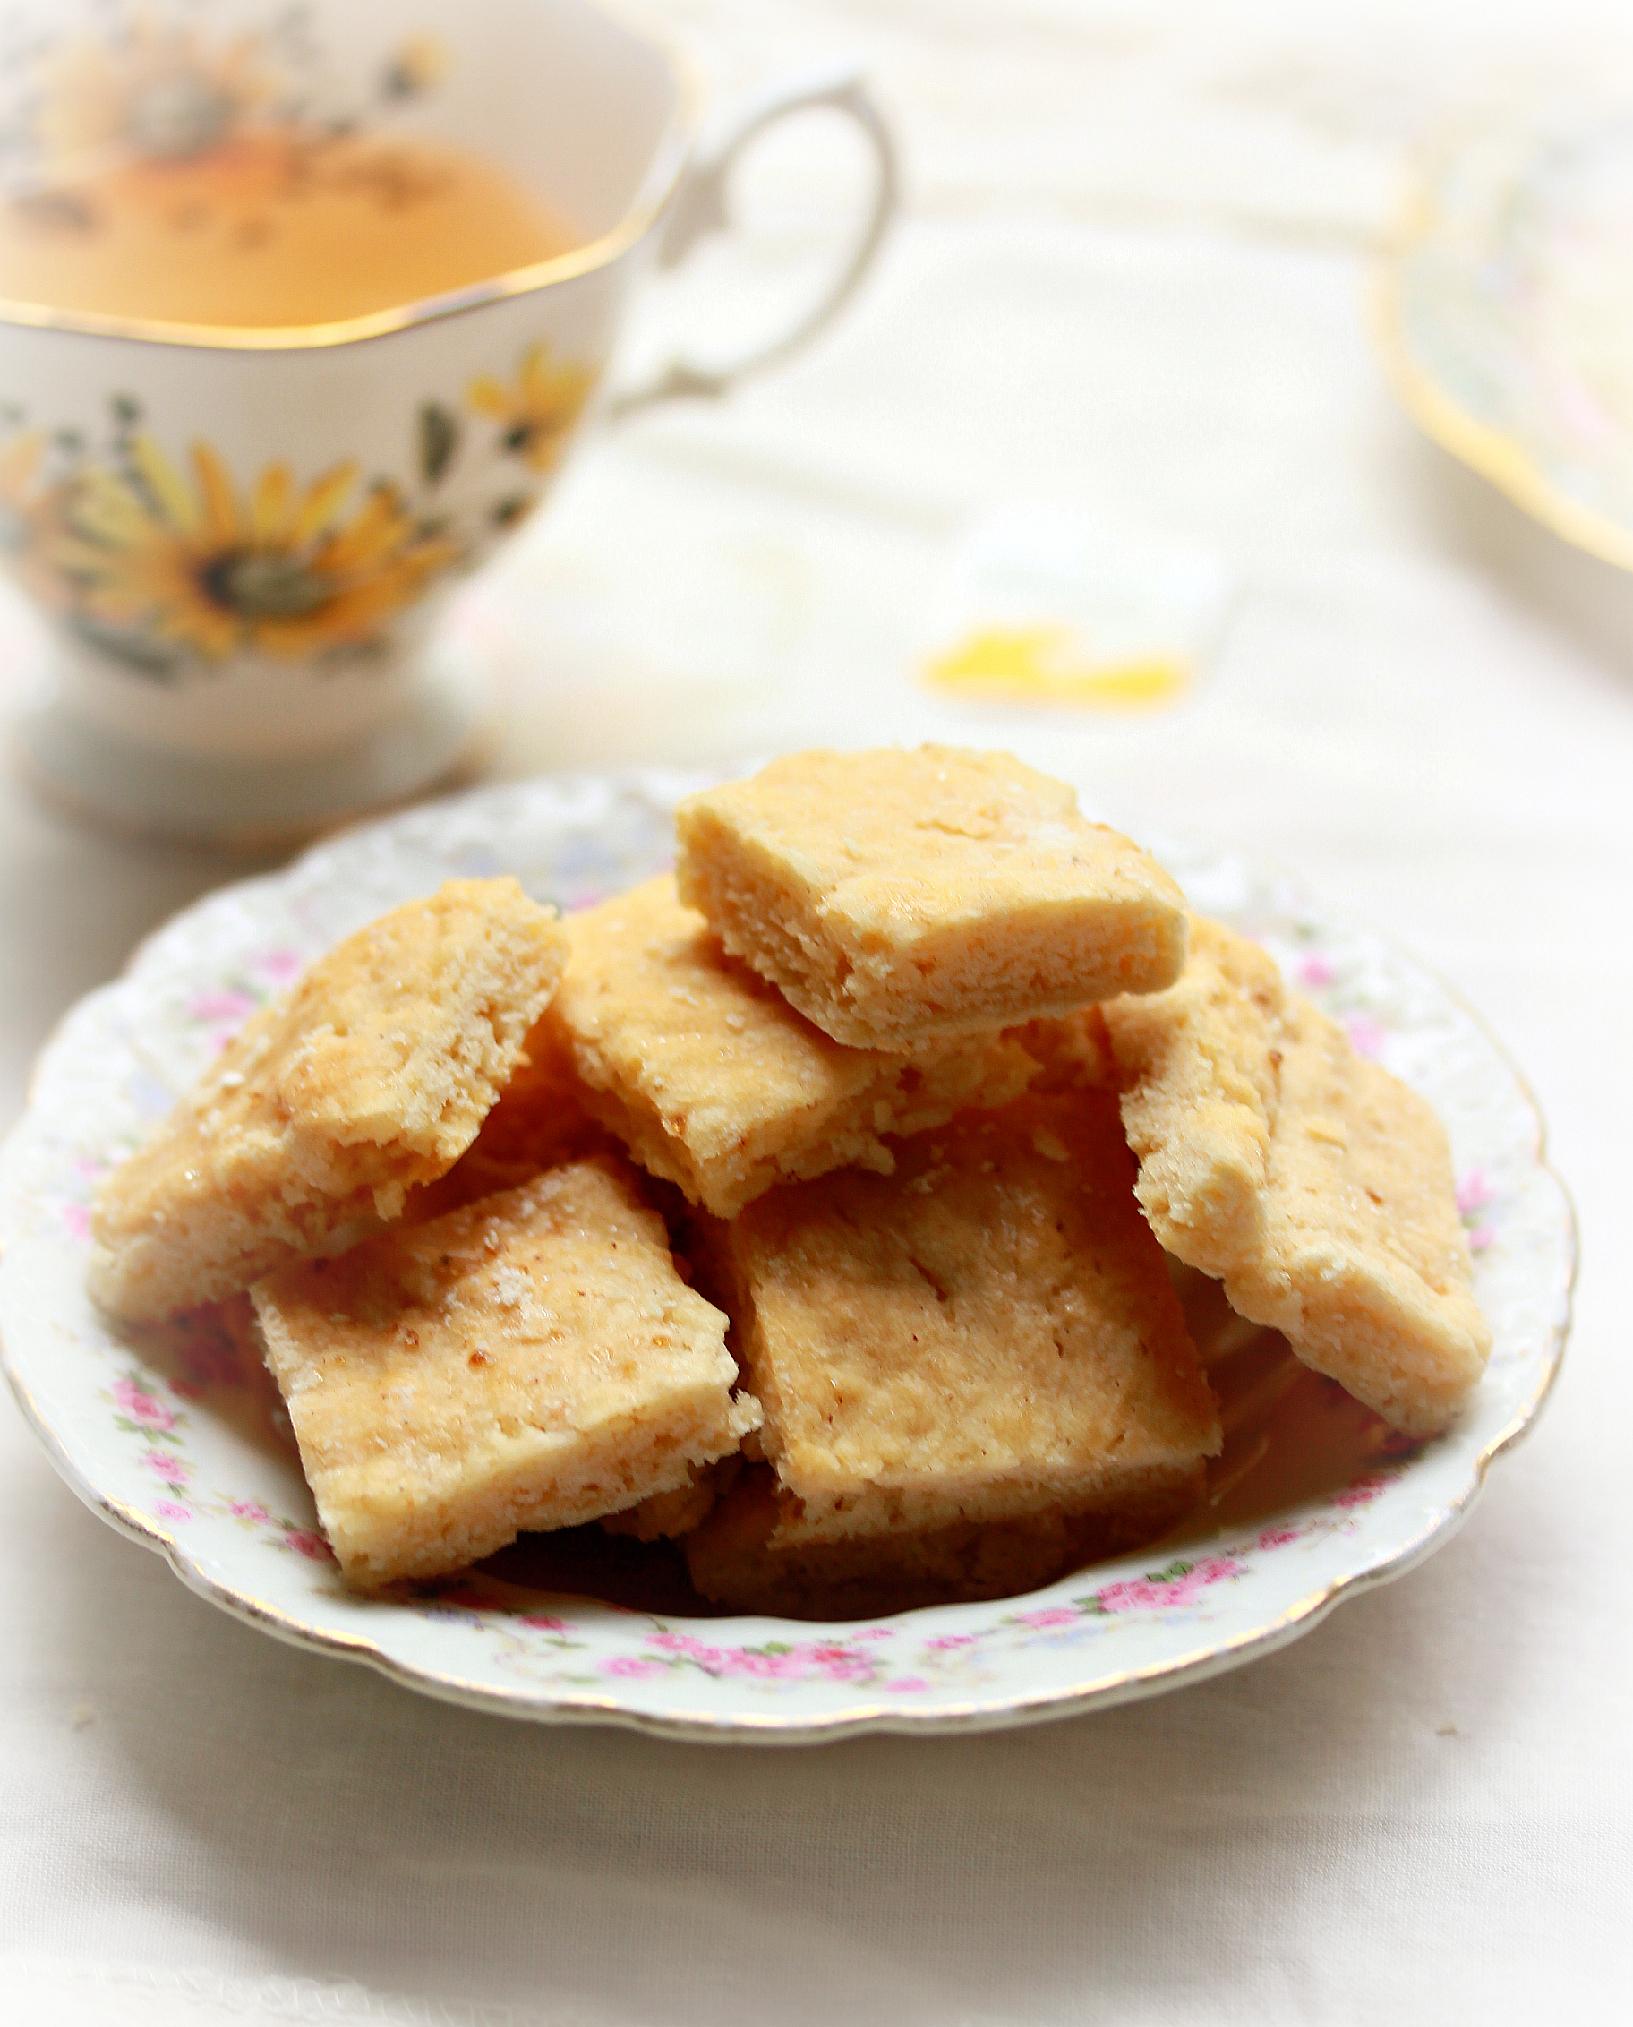 Lemony Tea Snaps by Dena T Bray